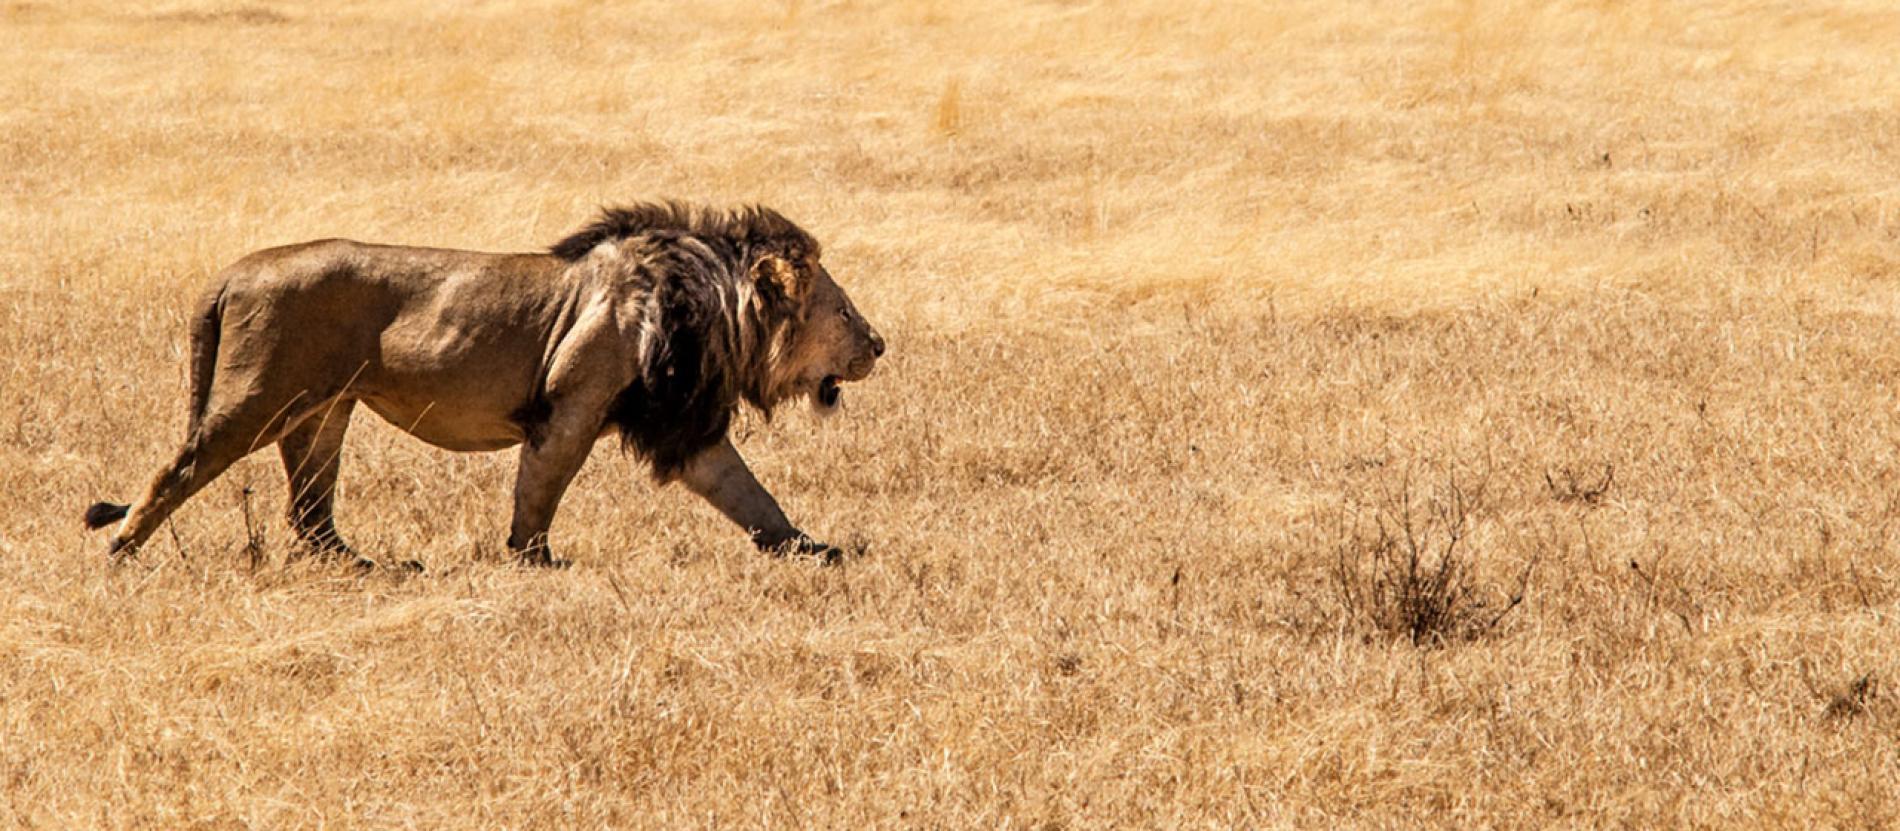 Tanzania Photo Safari: African Safari Photography | National